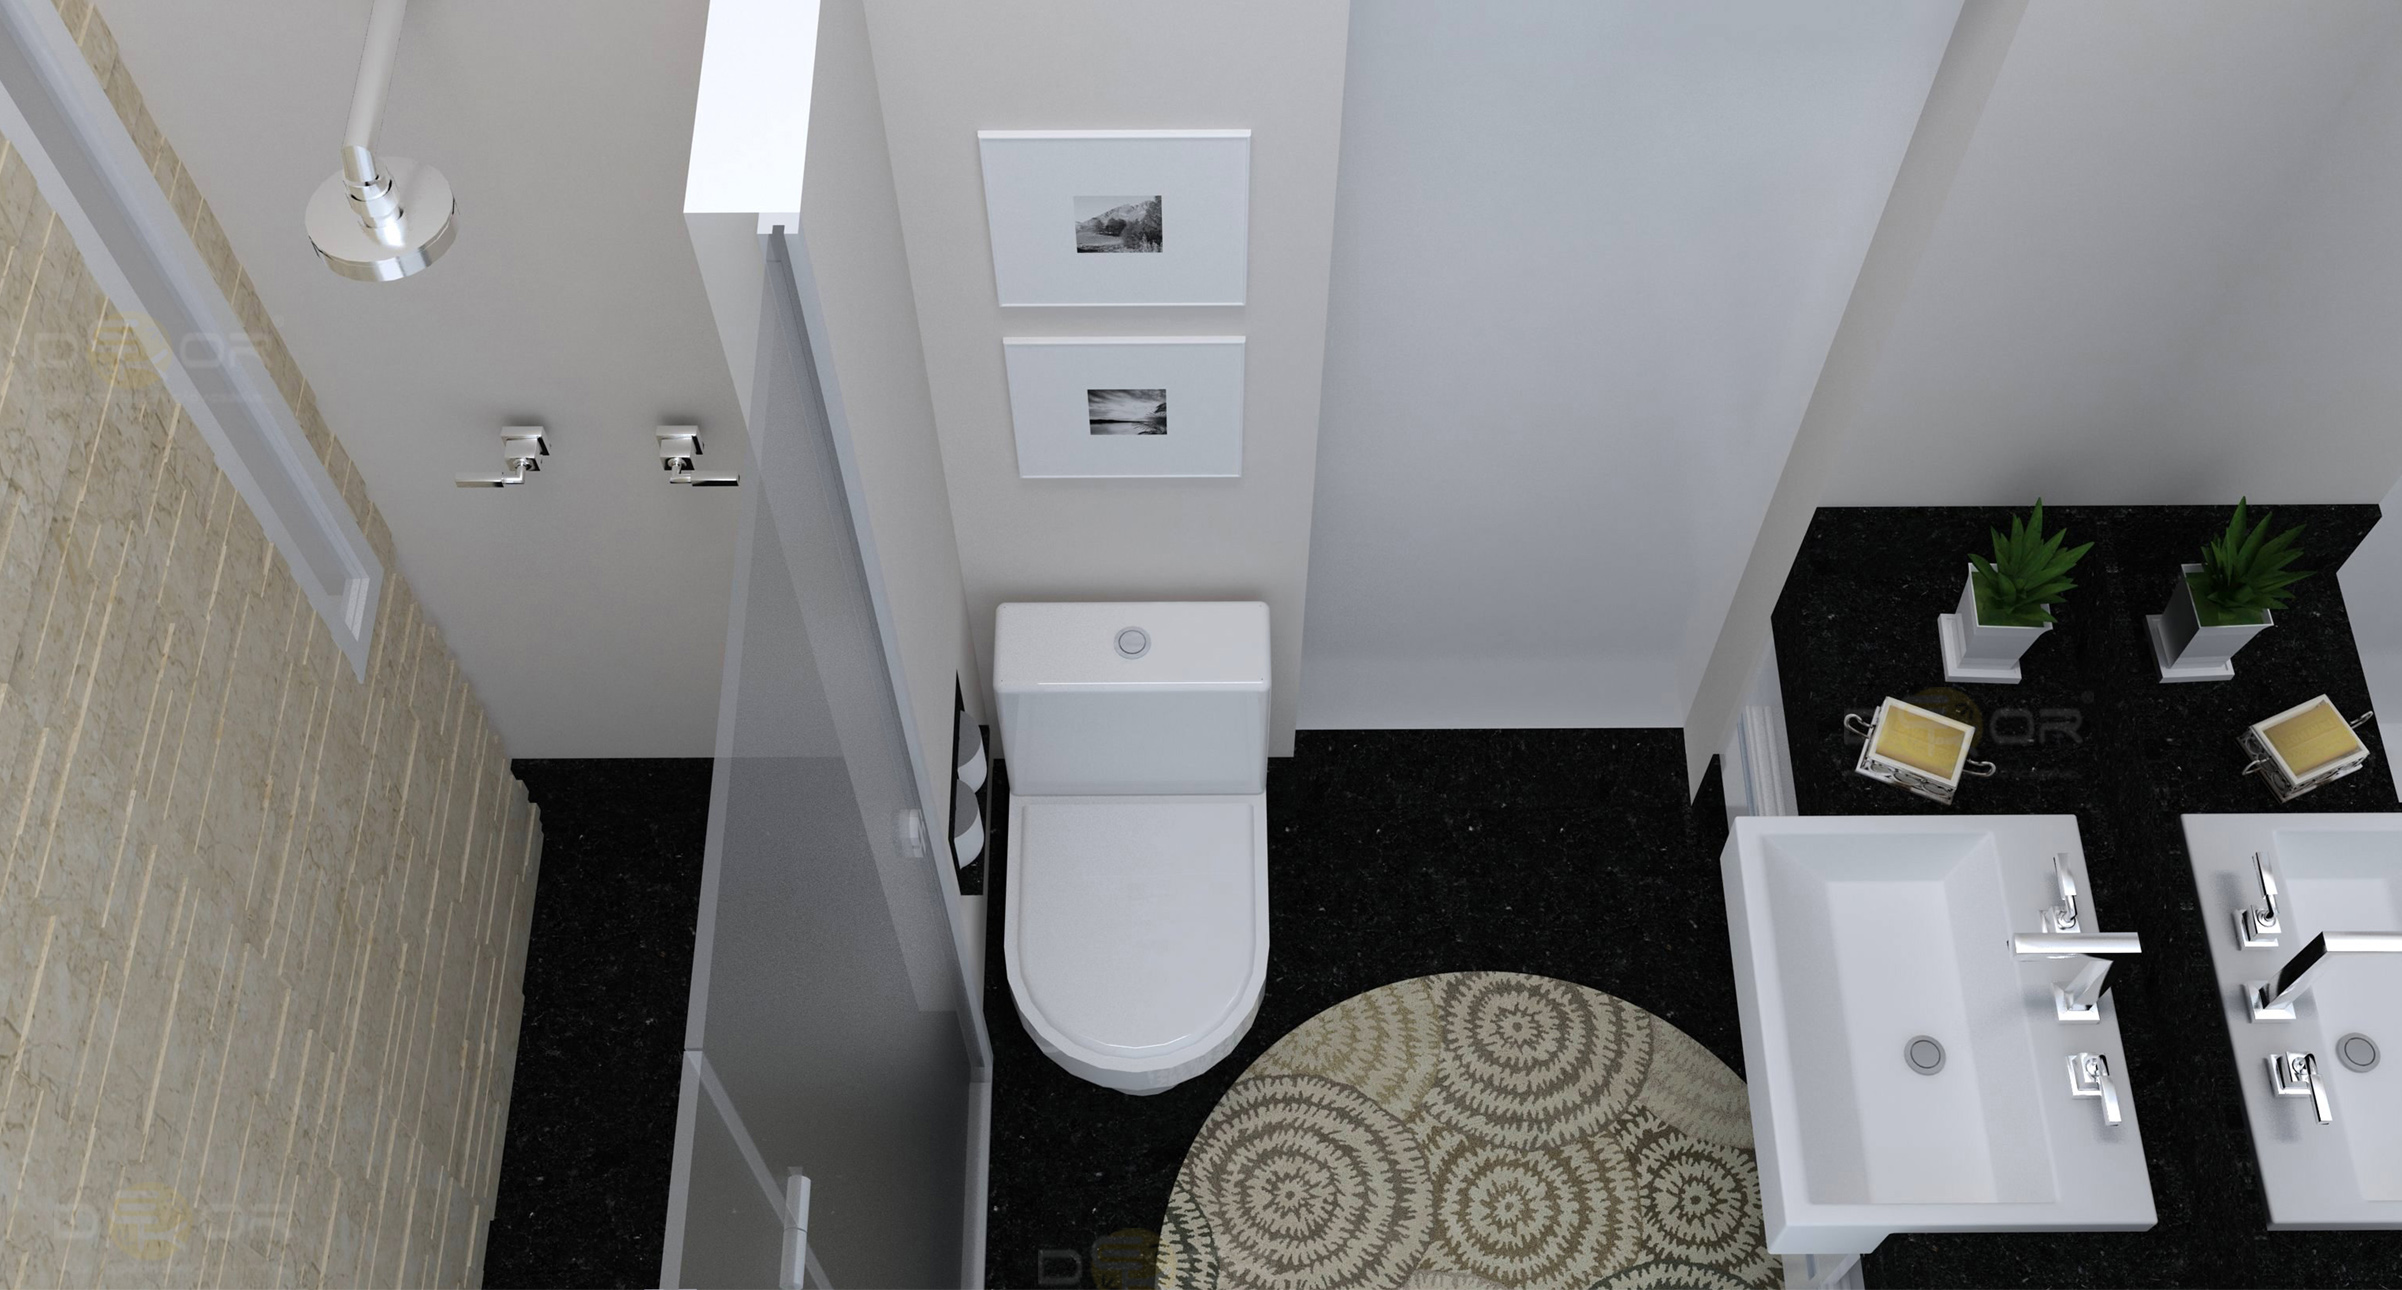 banheiro decoração online 6 gabinete de canto banheiro fotos sempre #726A59 2402 1290